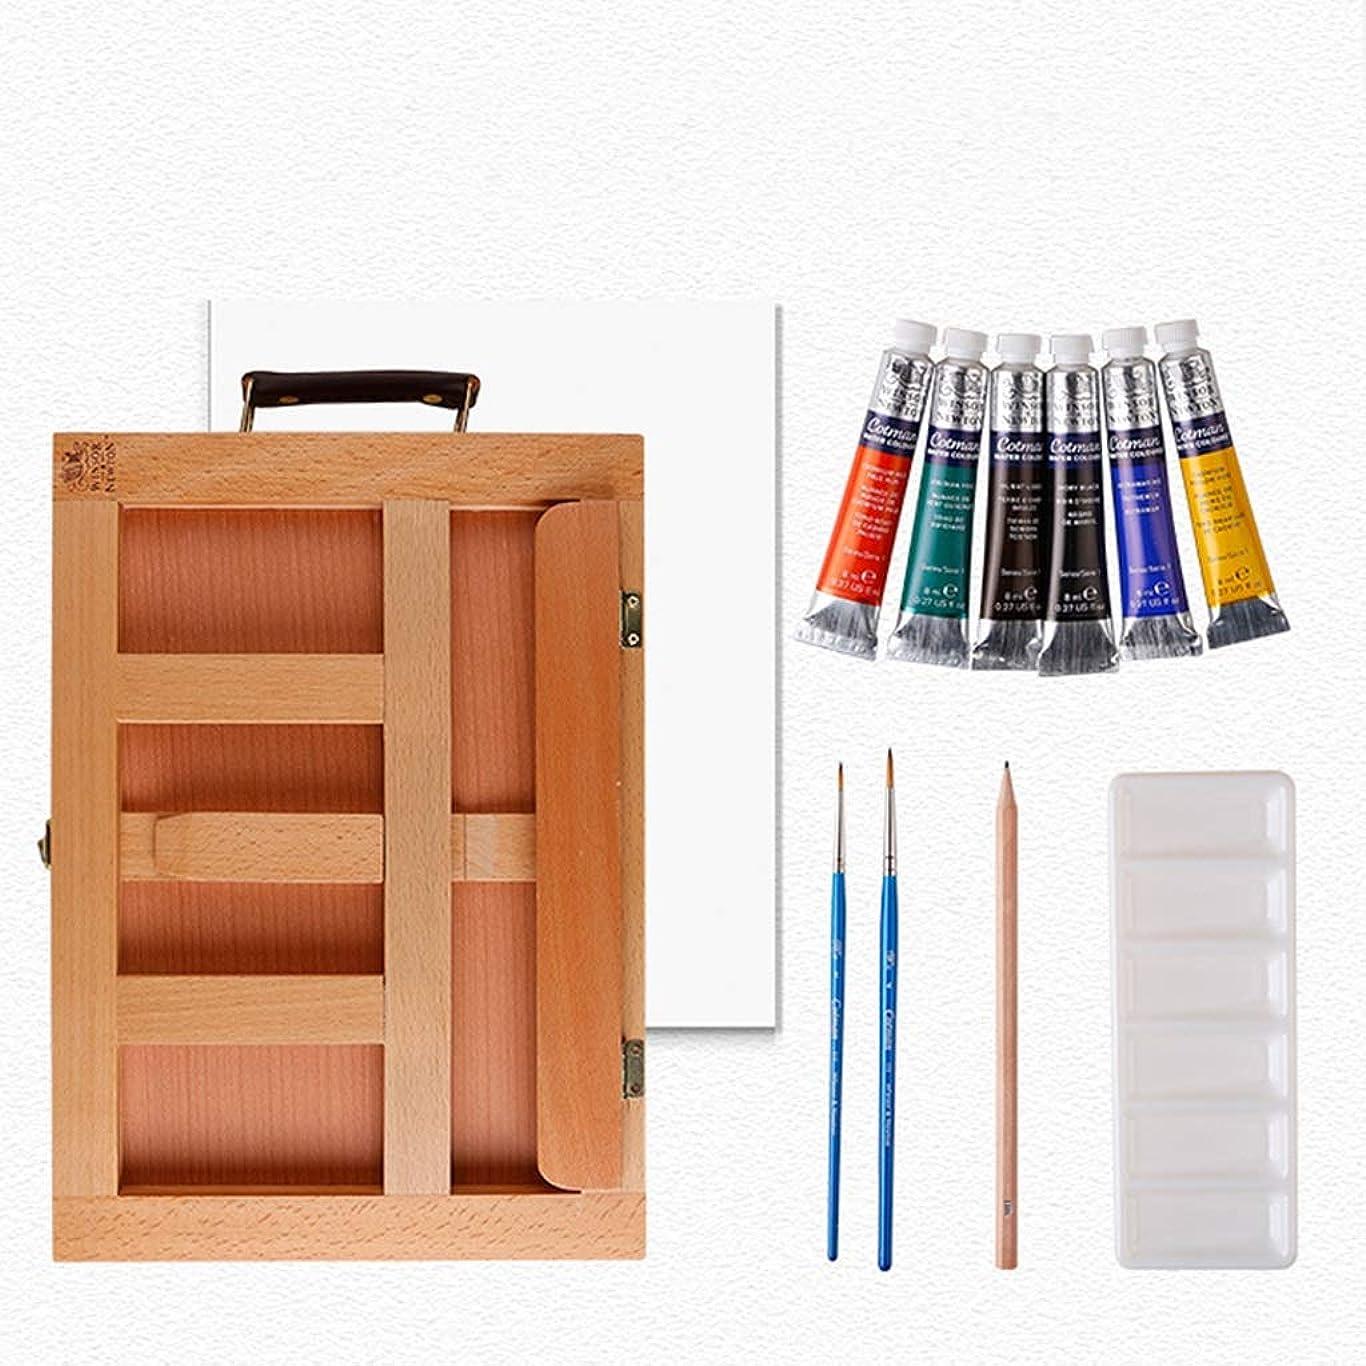 摘むメッセージ備品JSFQ 水彩イーゼルセット、持ち運びが容易で持ち運びが簡単、折りたたみ可能な270 * 385 * 78mm、木製カラー イーゼル